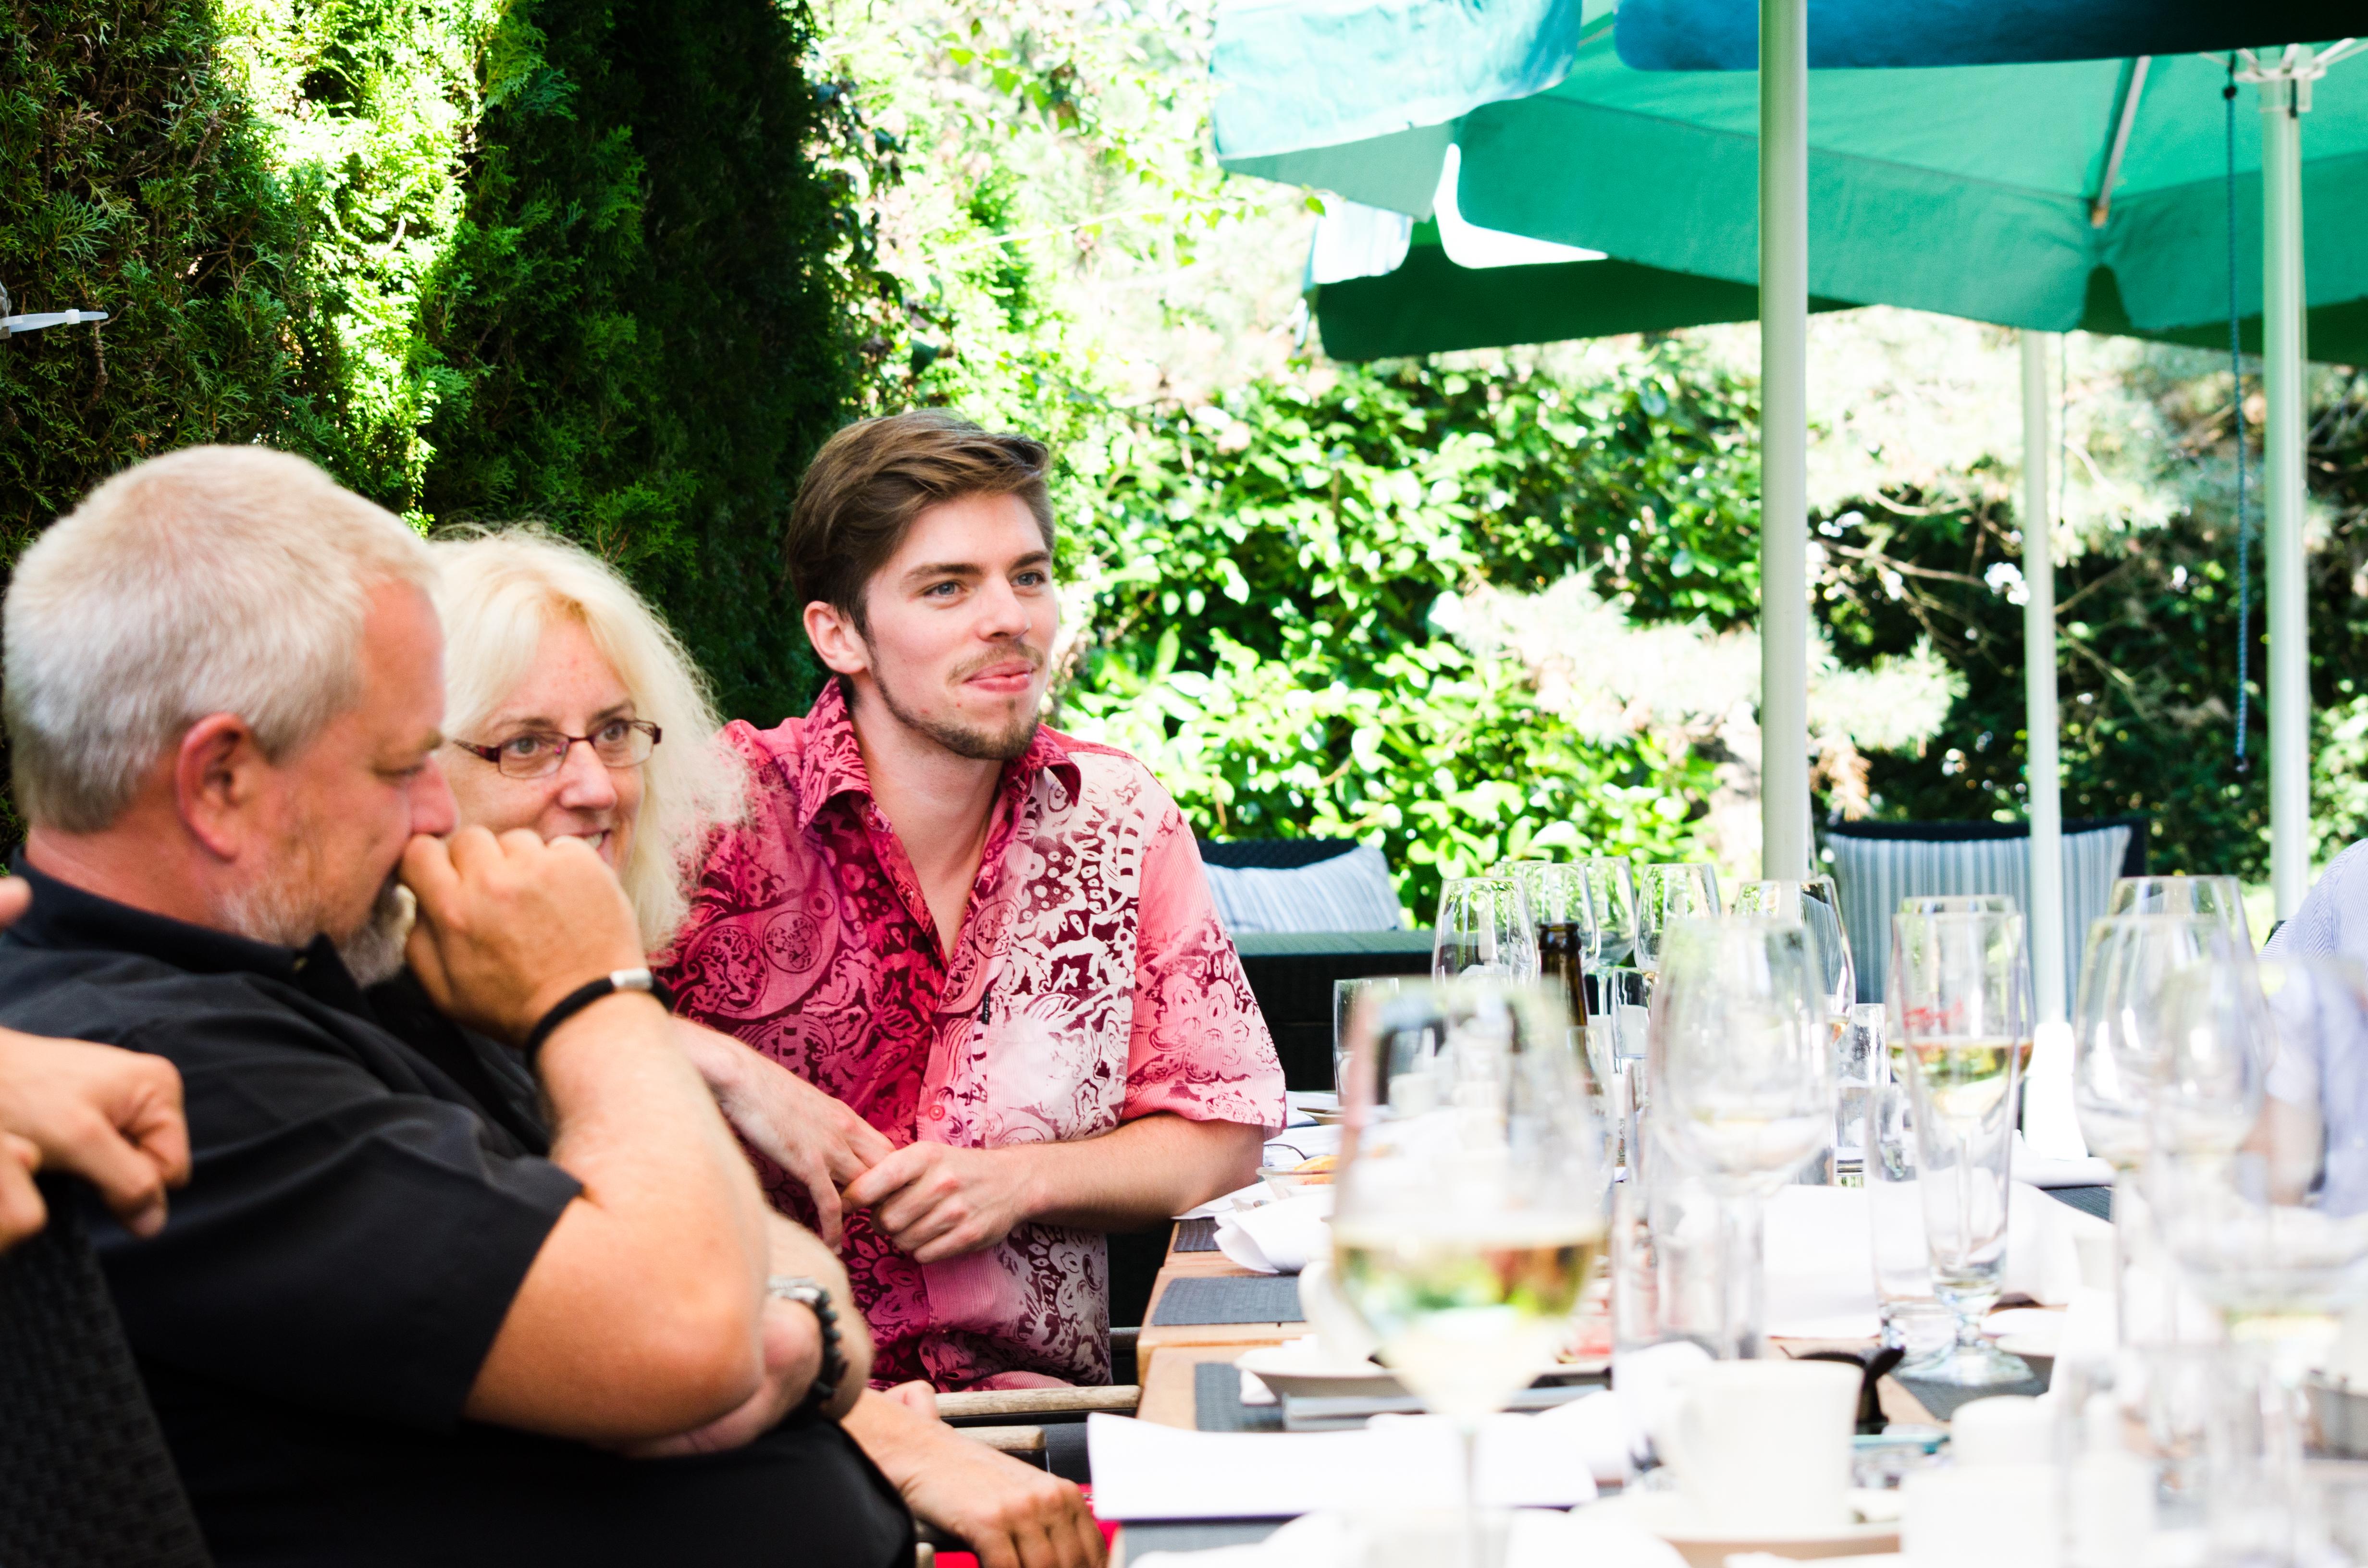 Hochzeitsfest_Sue und Stephan-109